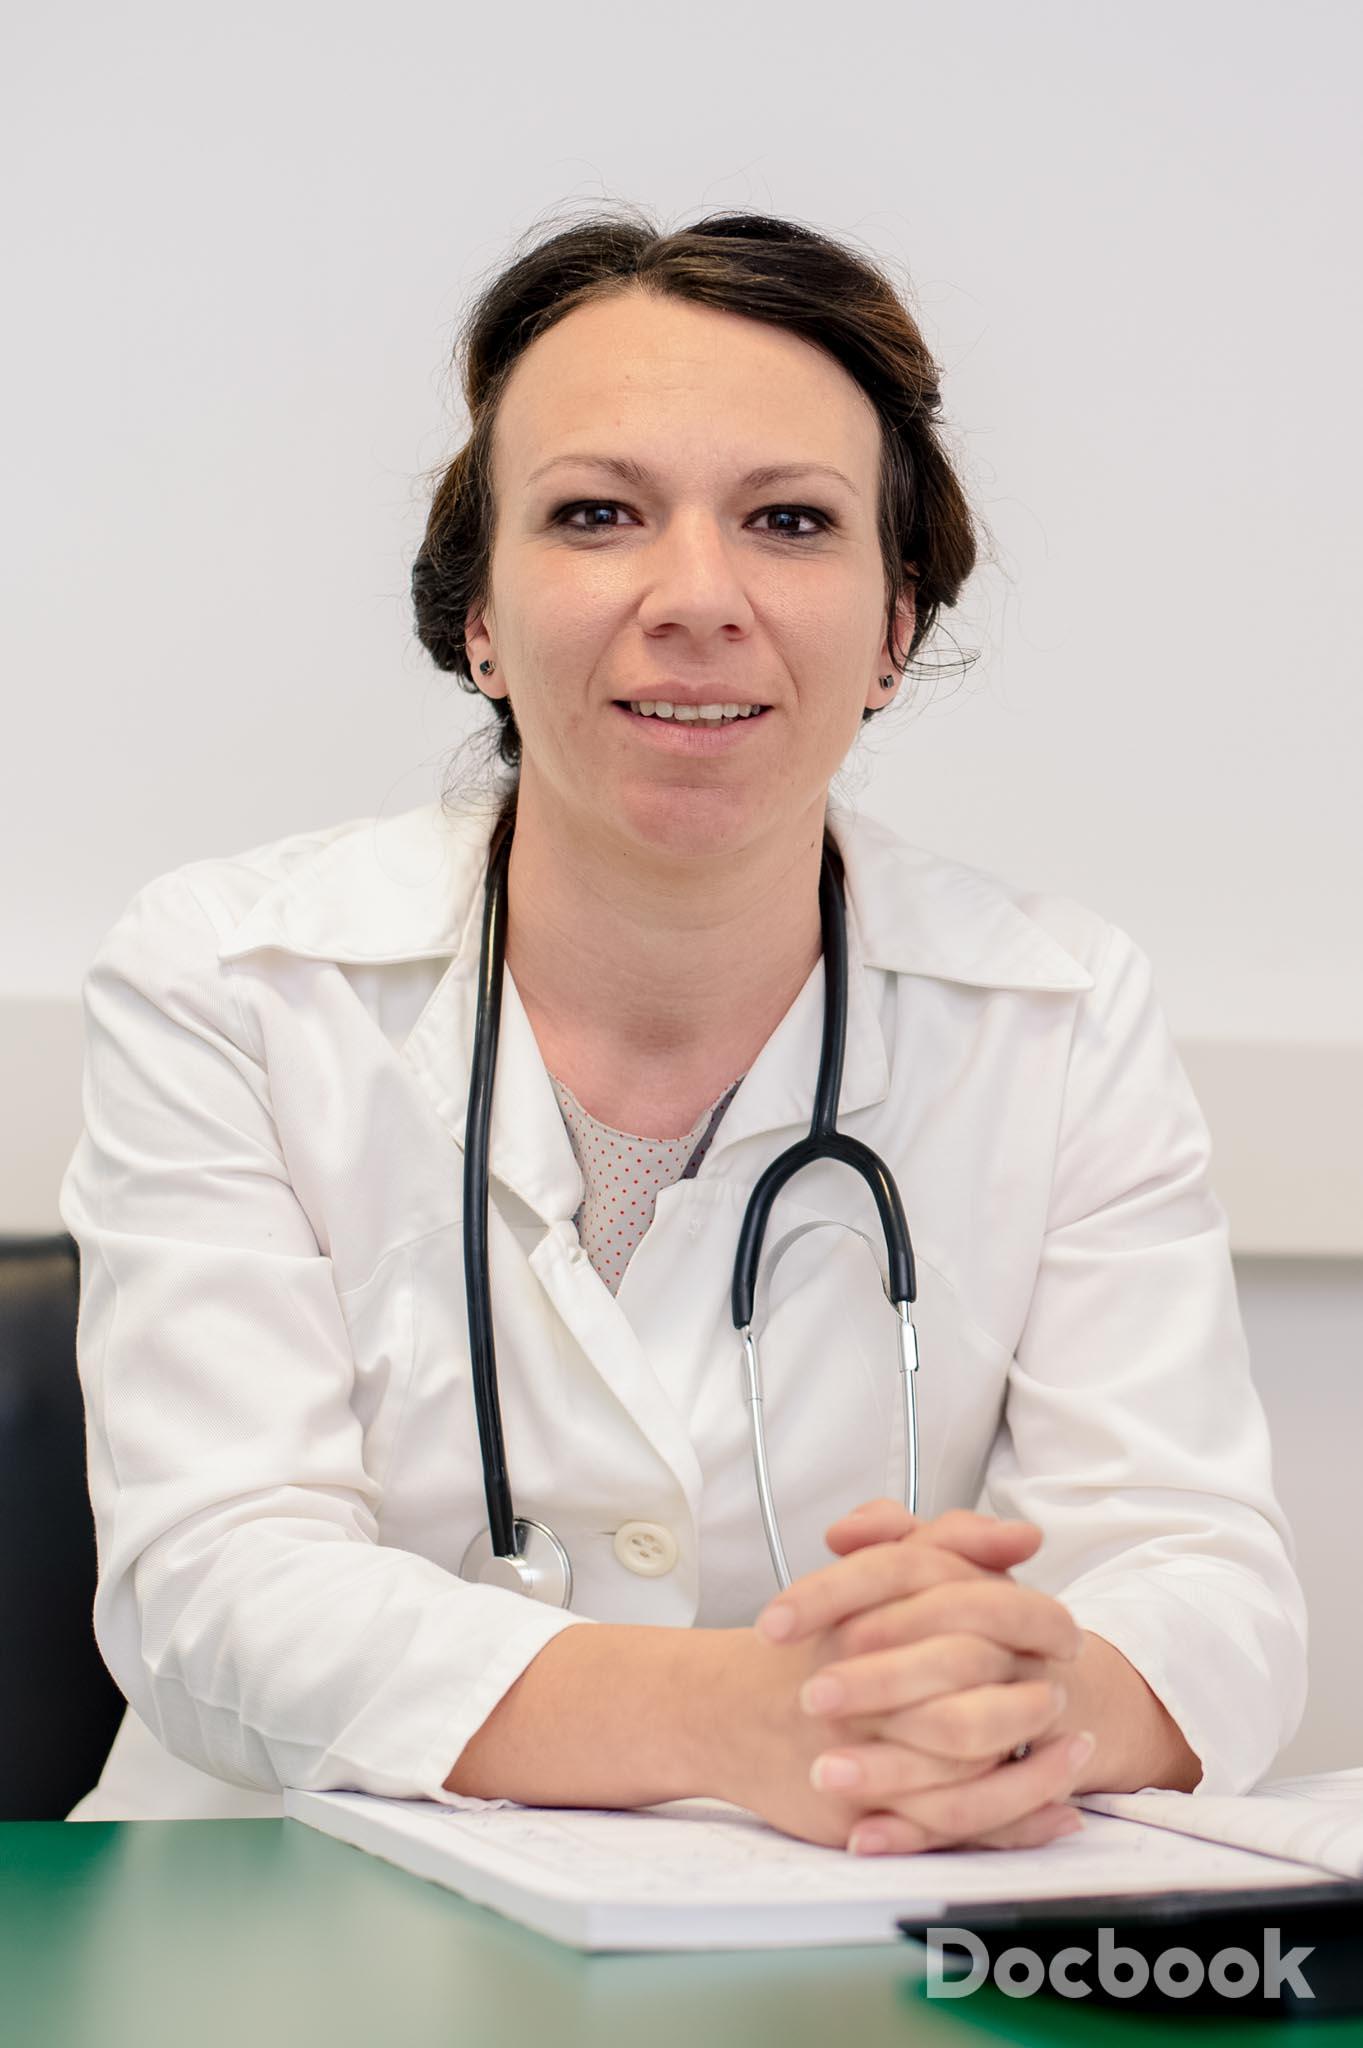 Dr. Andreea Iana